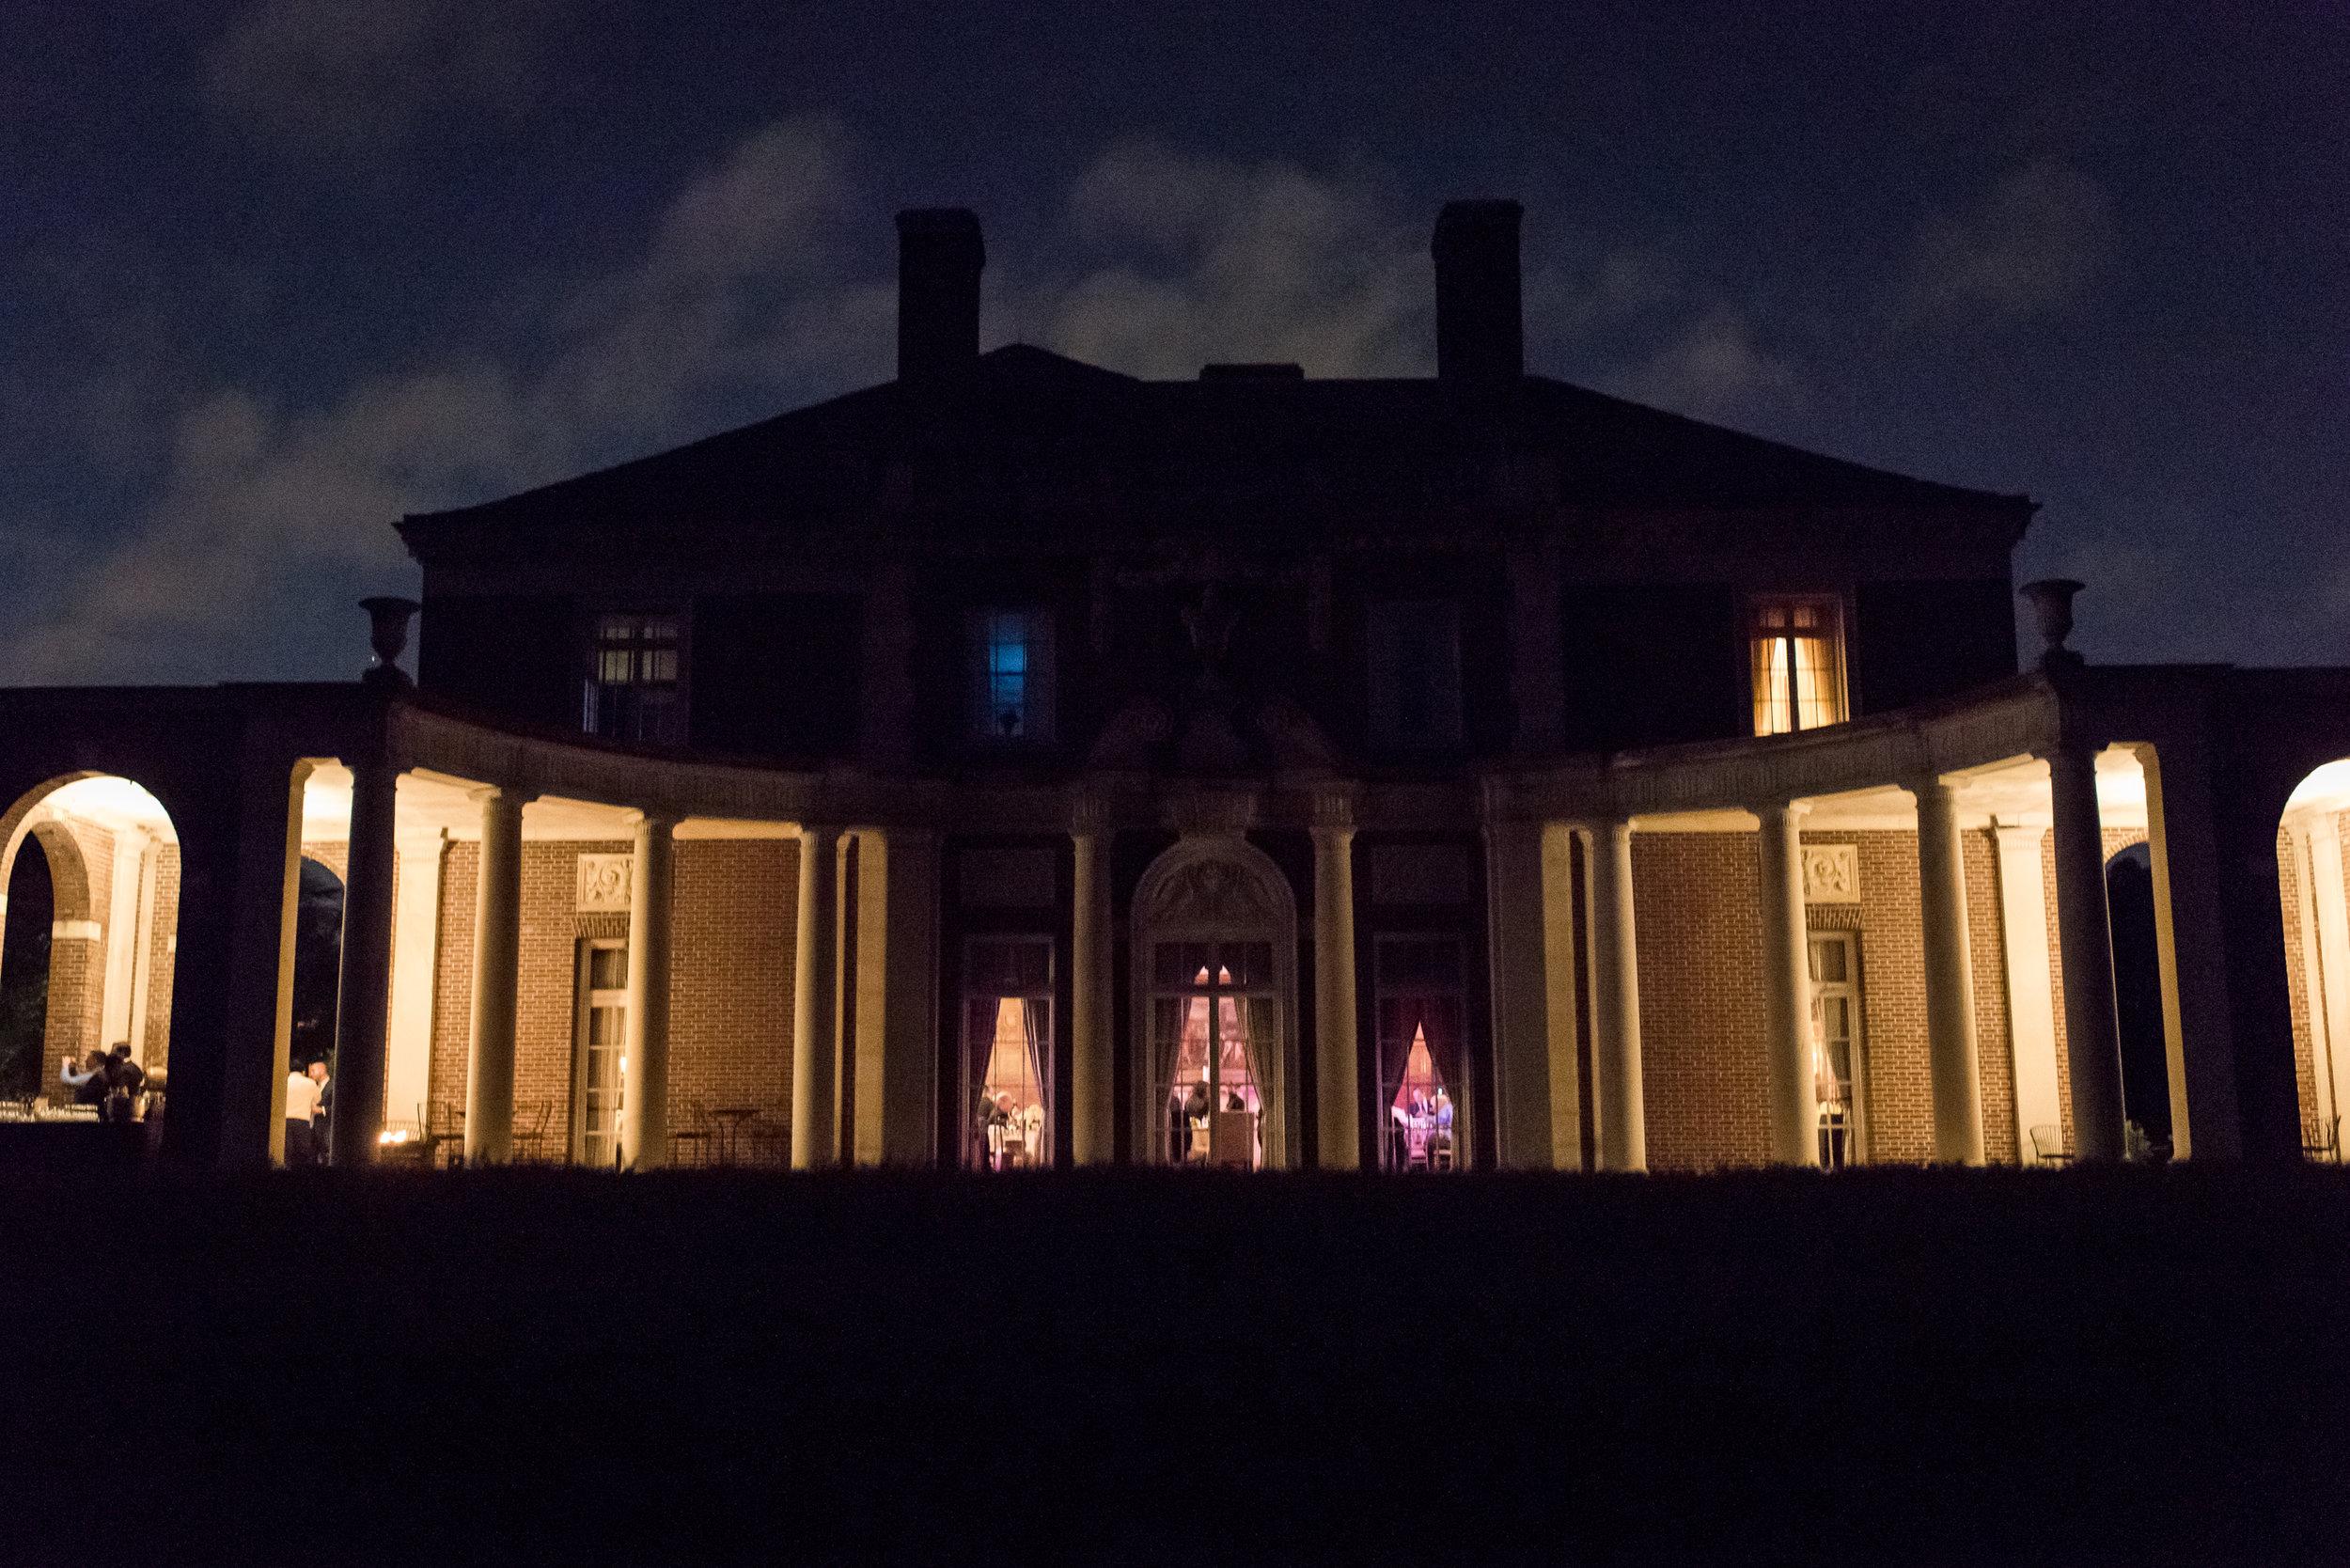 Stefy Hilmer Photography-Seversky Mansion night photo.jpg